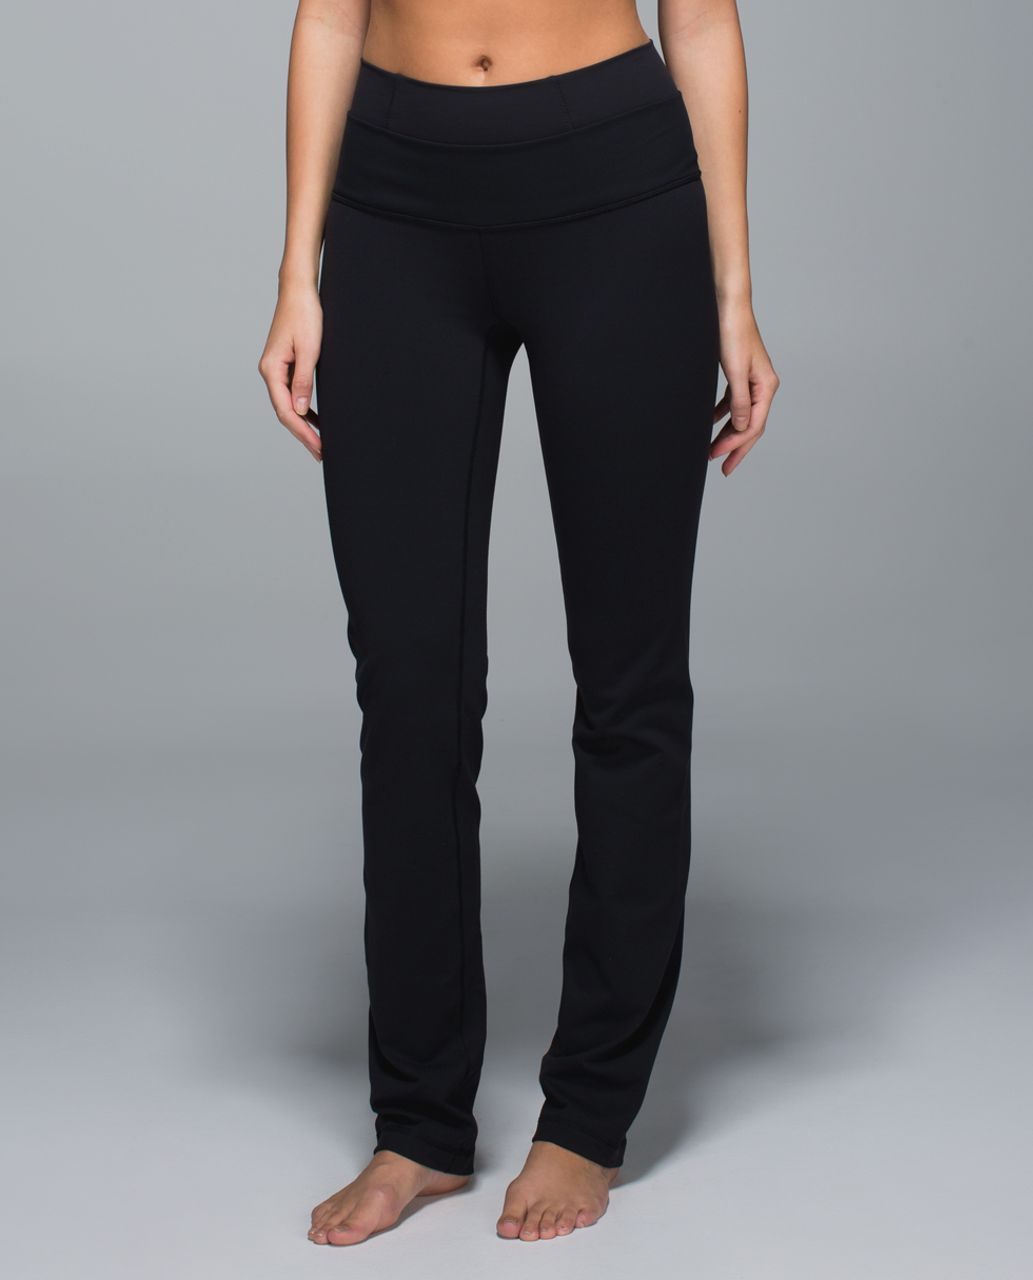 2ad2e8c3c8 Lululemon Straight-Up Pant *Full-On Luon - Black - lulu fanatics